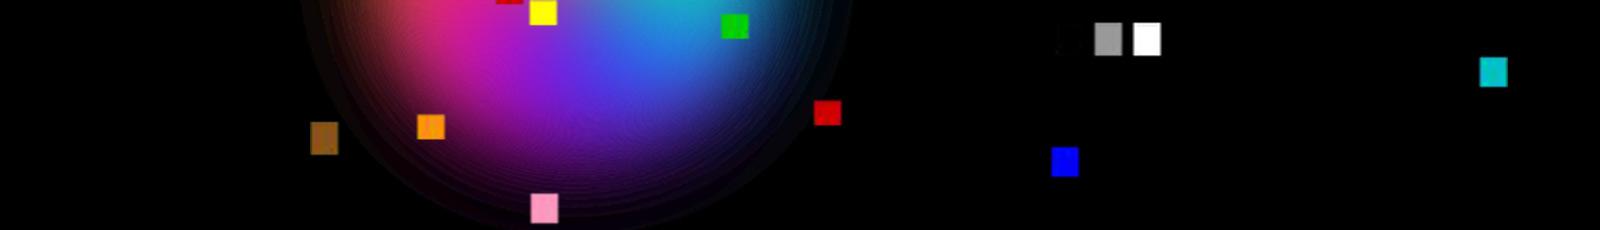 header-color-galerie